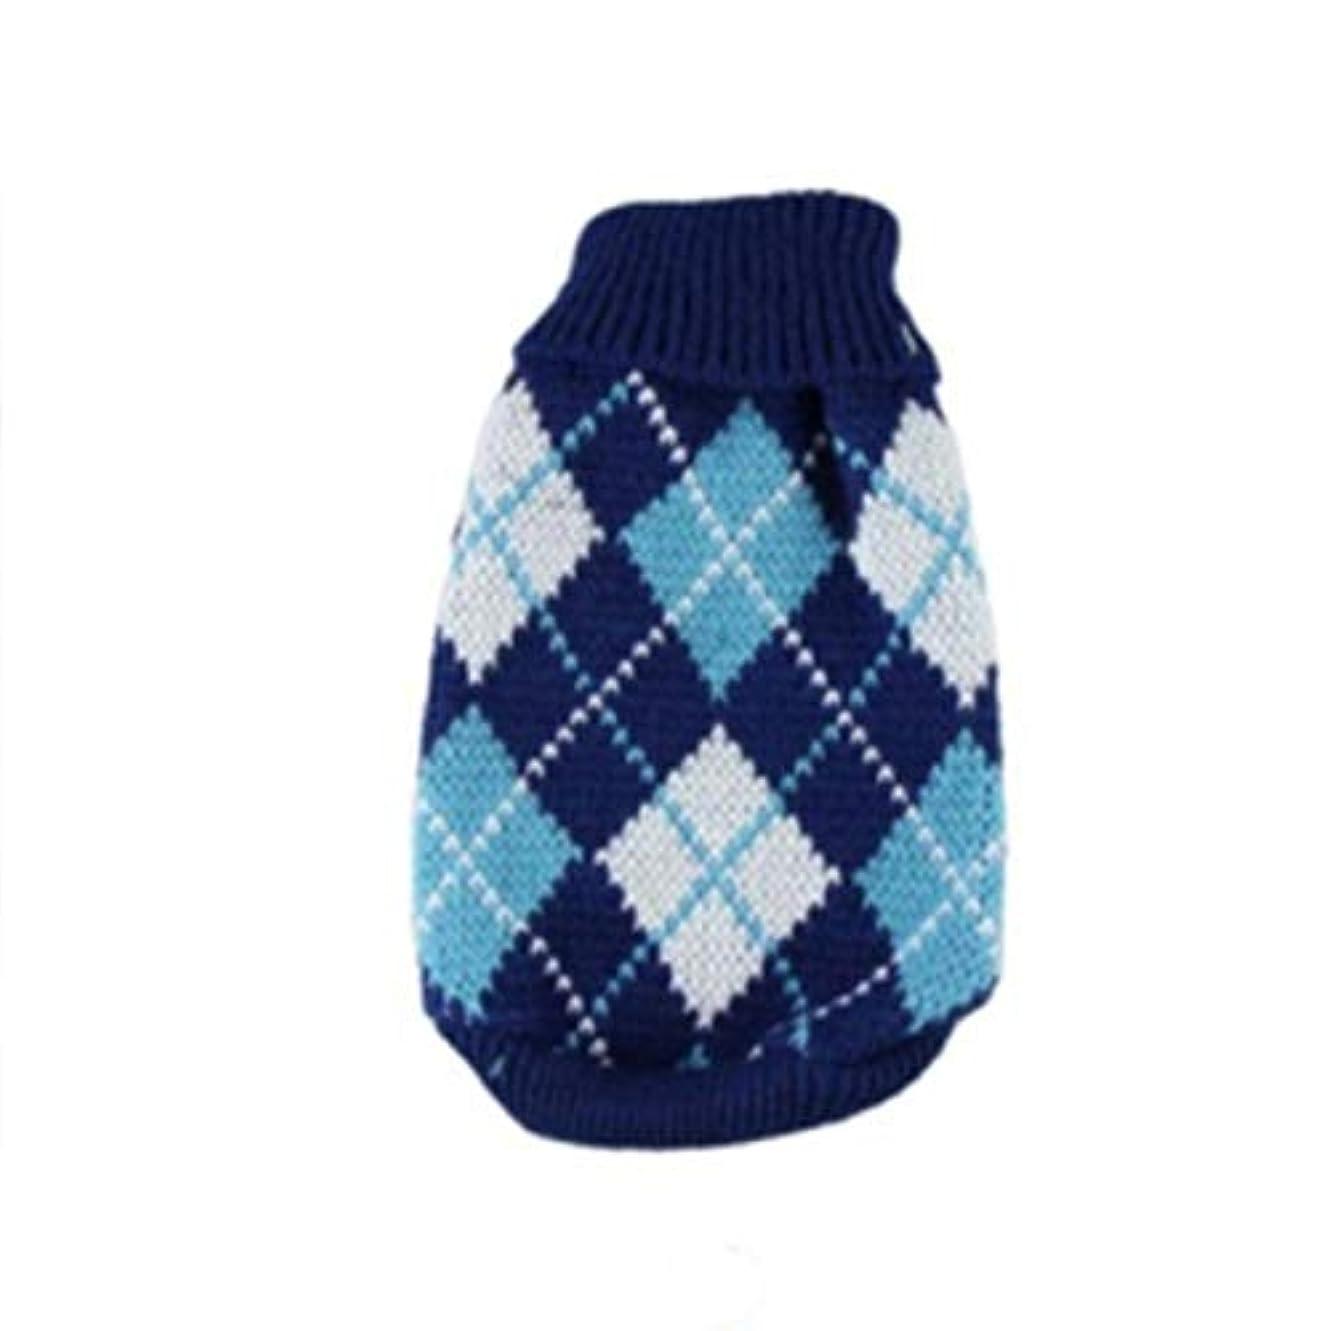 信頼性のある手数料スキルSaikogoods 軽量ペットの暖かいセーターユニバーサル犬服ファッションソフト犬服ハイカラー快適なペットのコート 青 XS